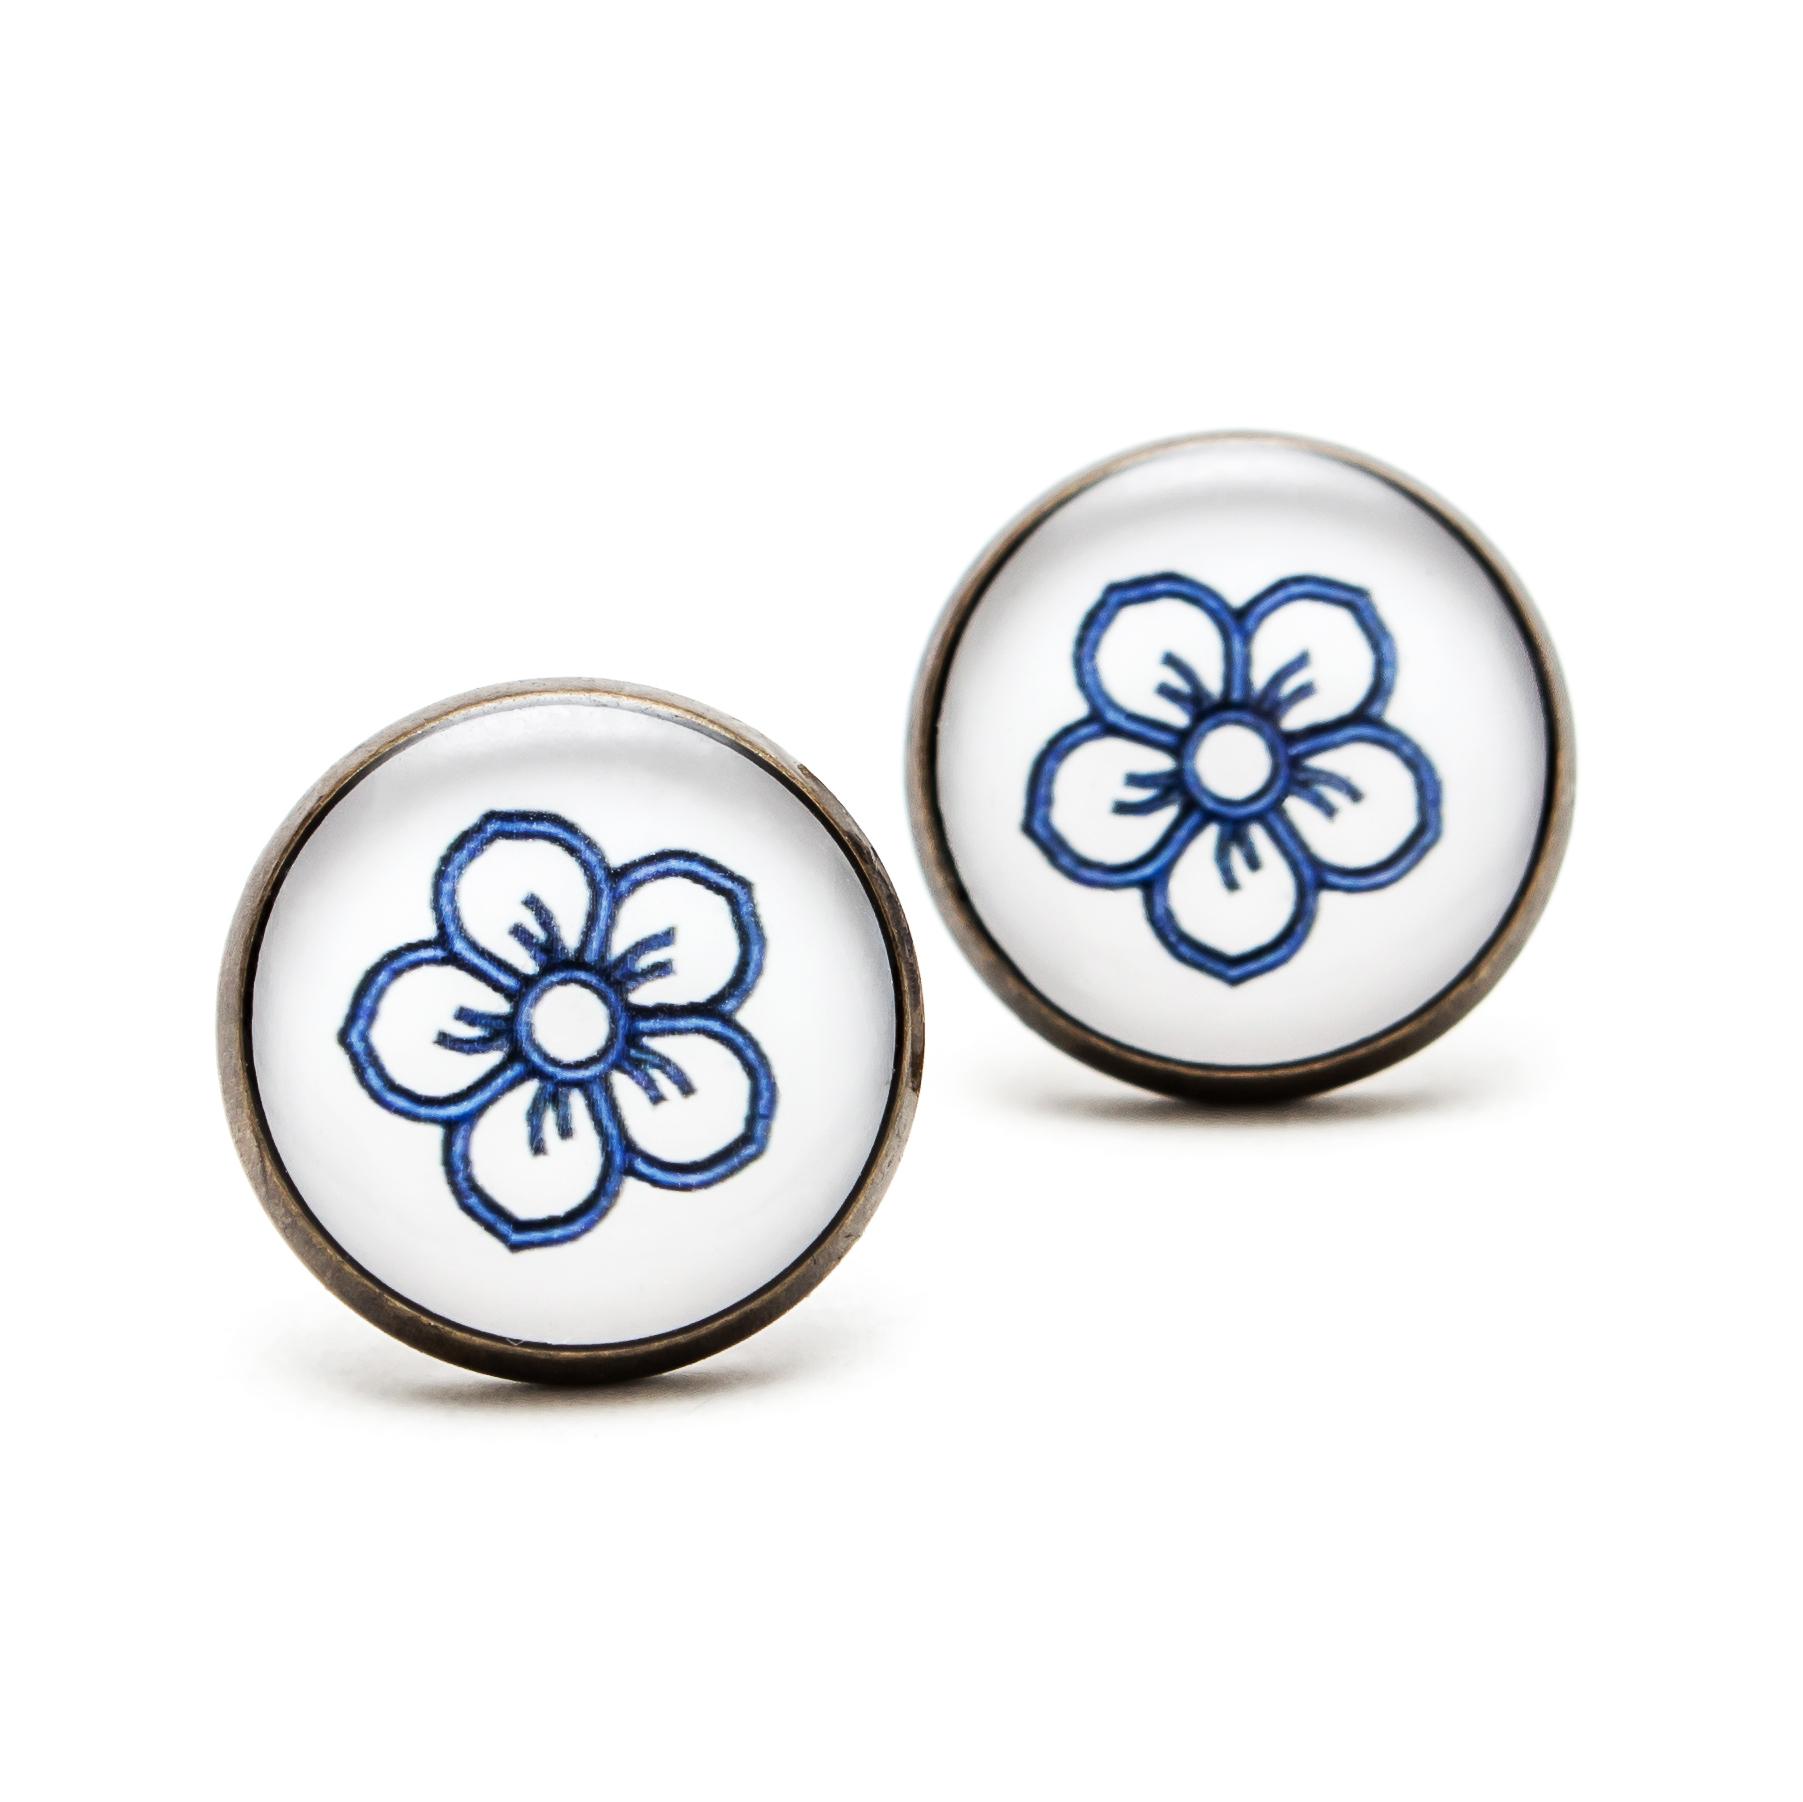 Séria Folk minimal - Kvetinka ornament modrý 00449